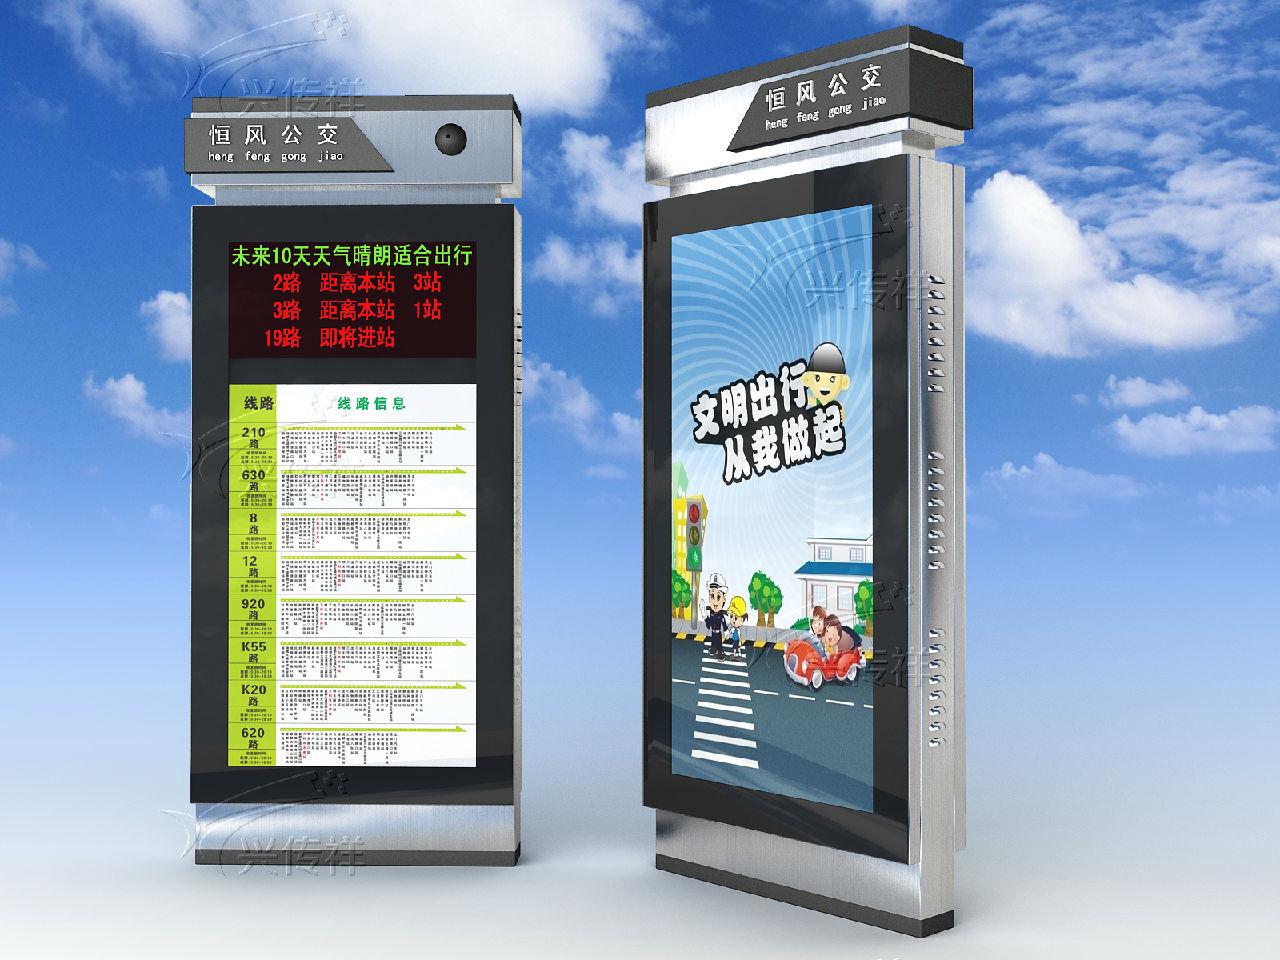 建议在公交候车亭配备智能电子站牌